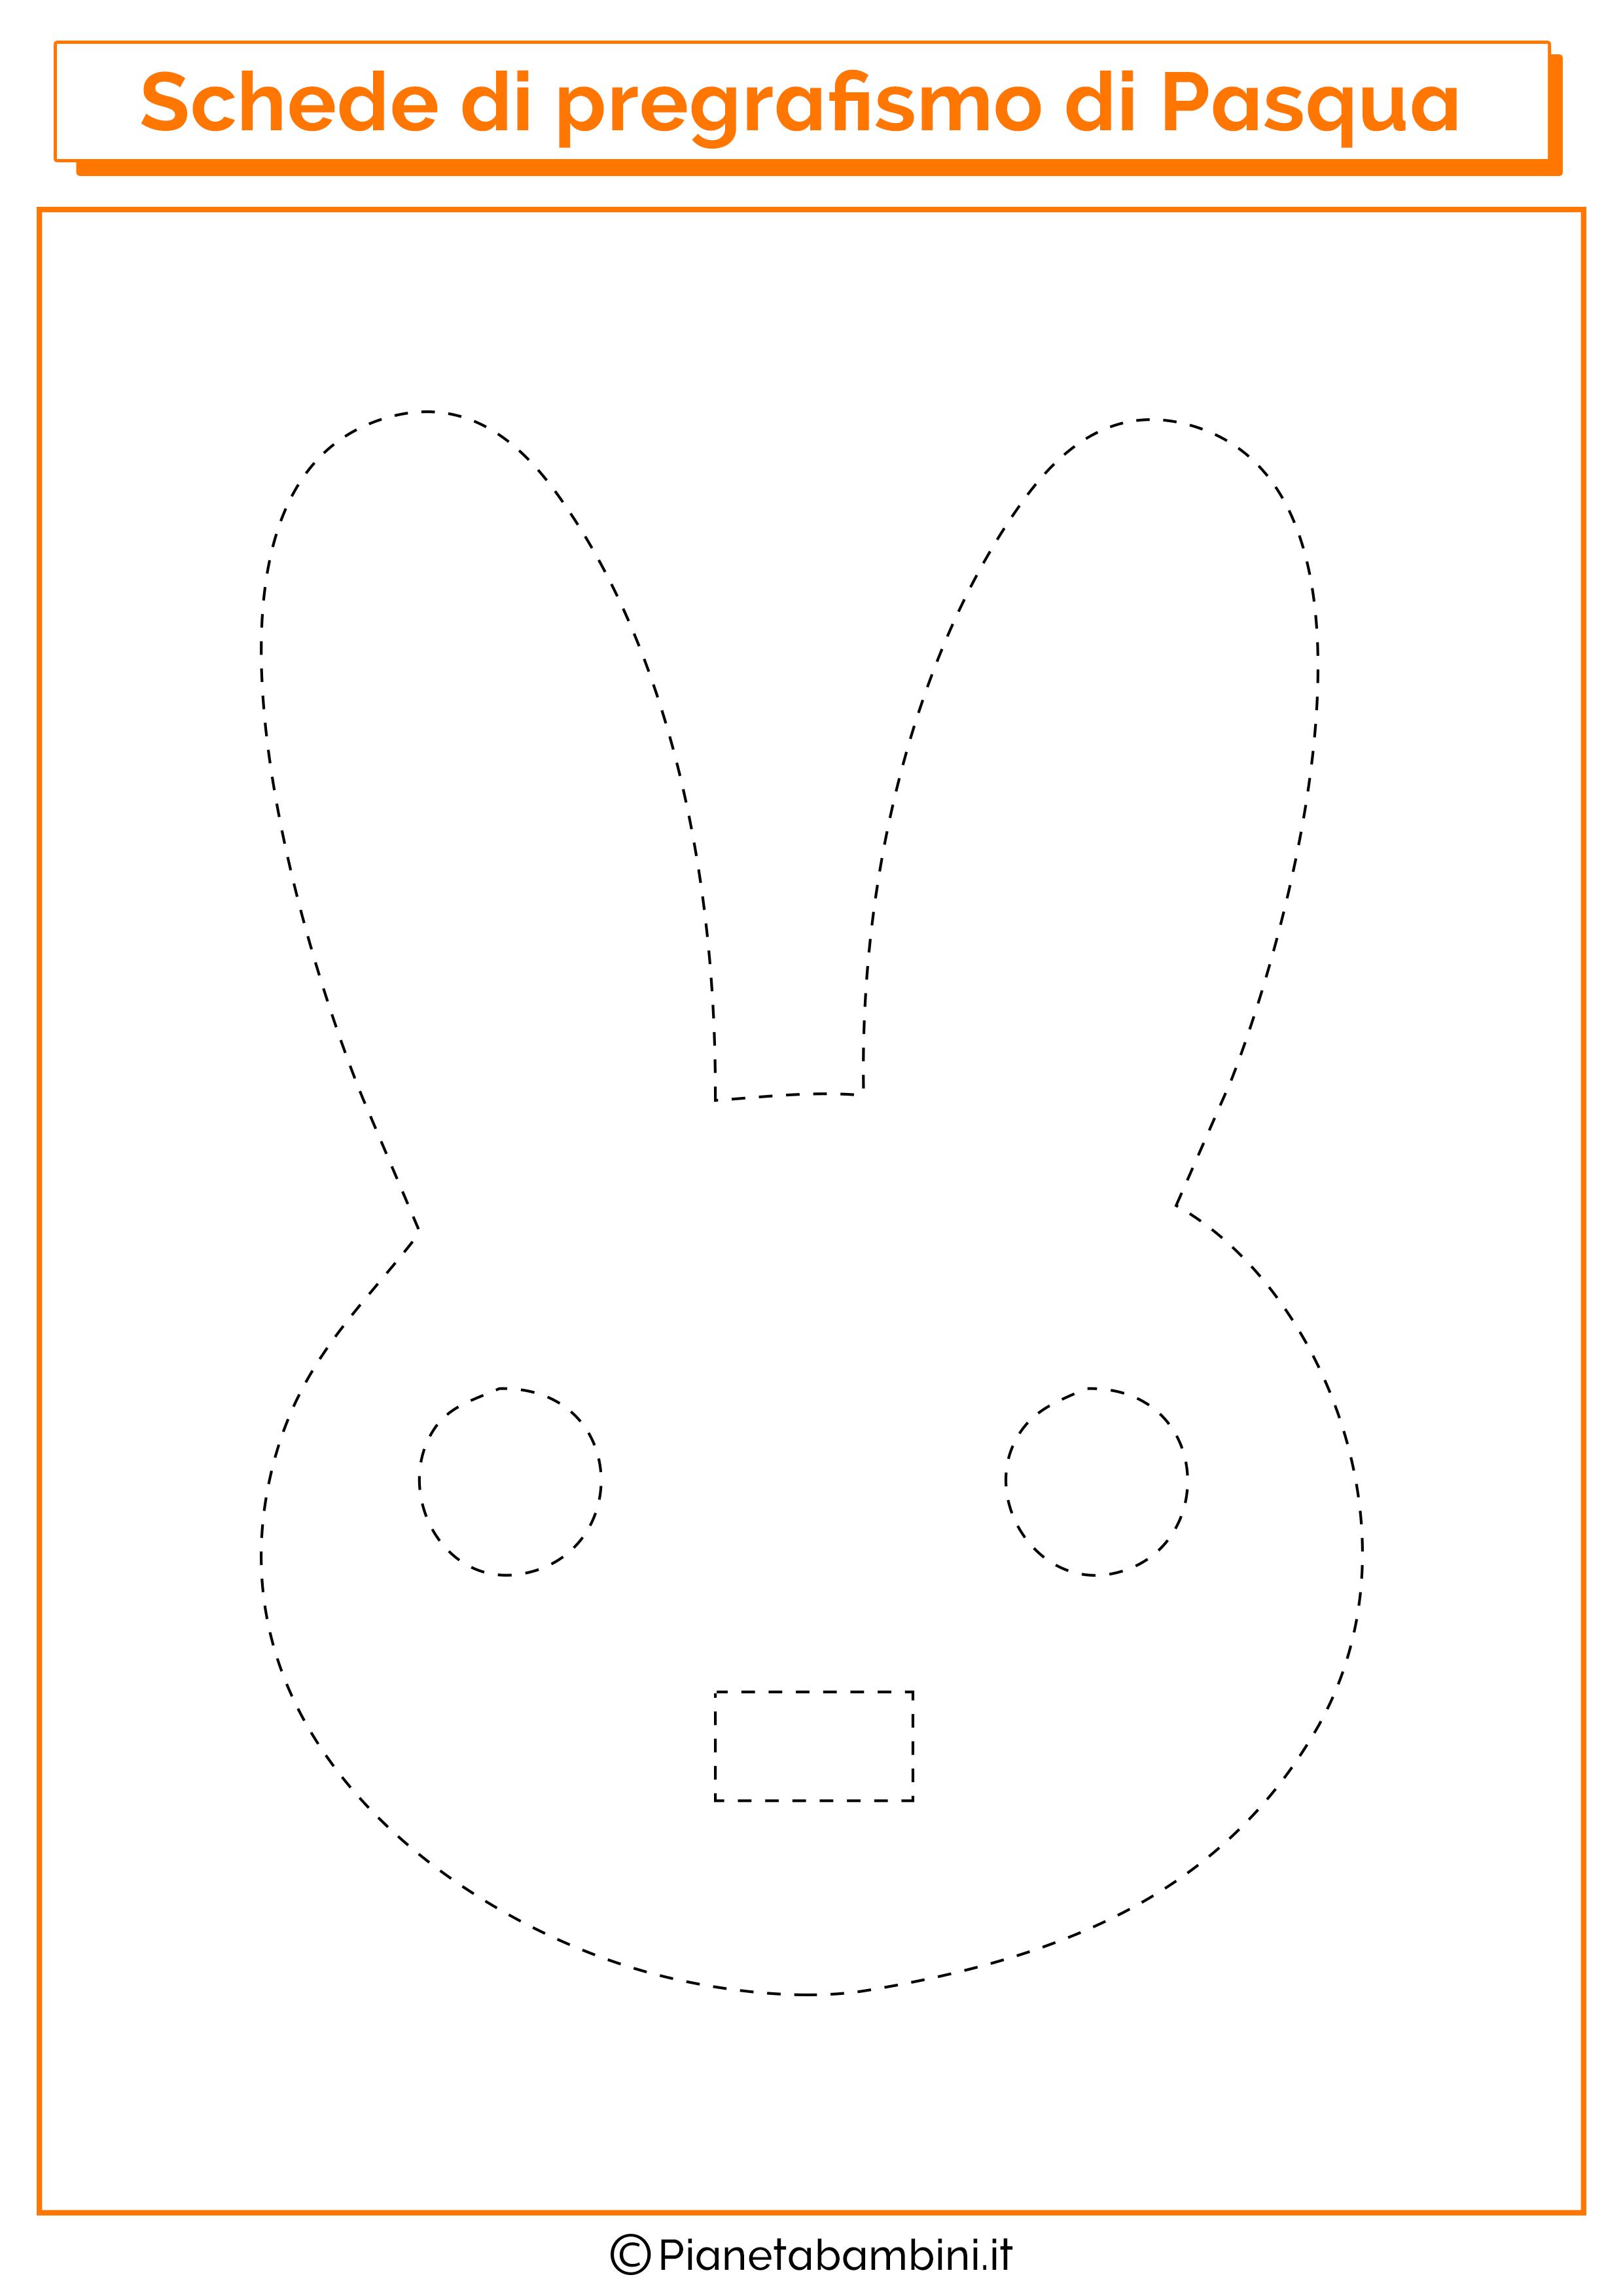 Scheda di pregrafismo di Pasqua sul coniglietto